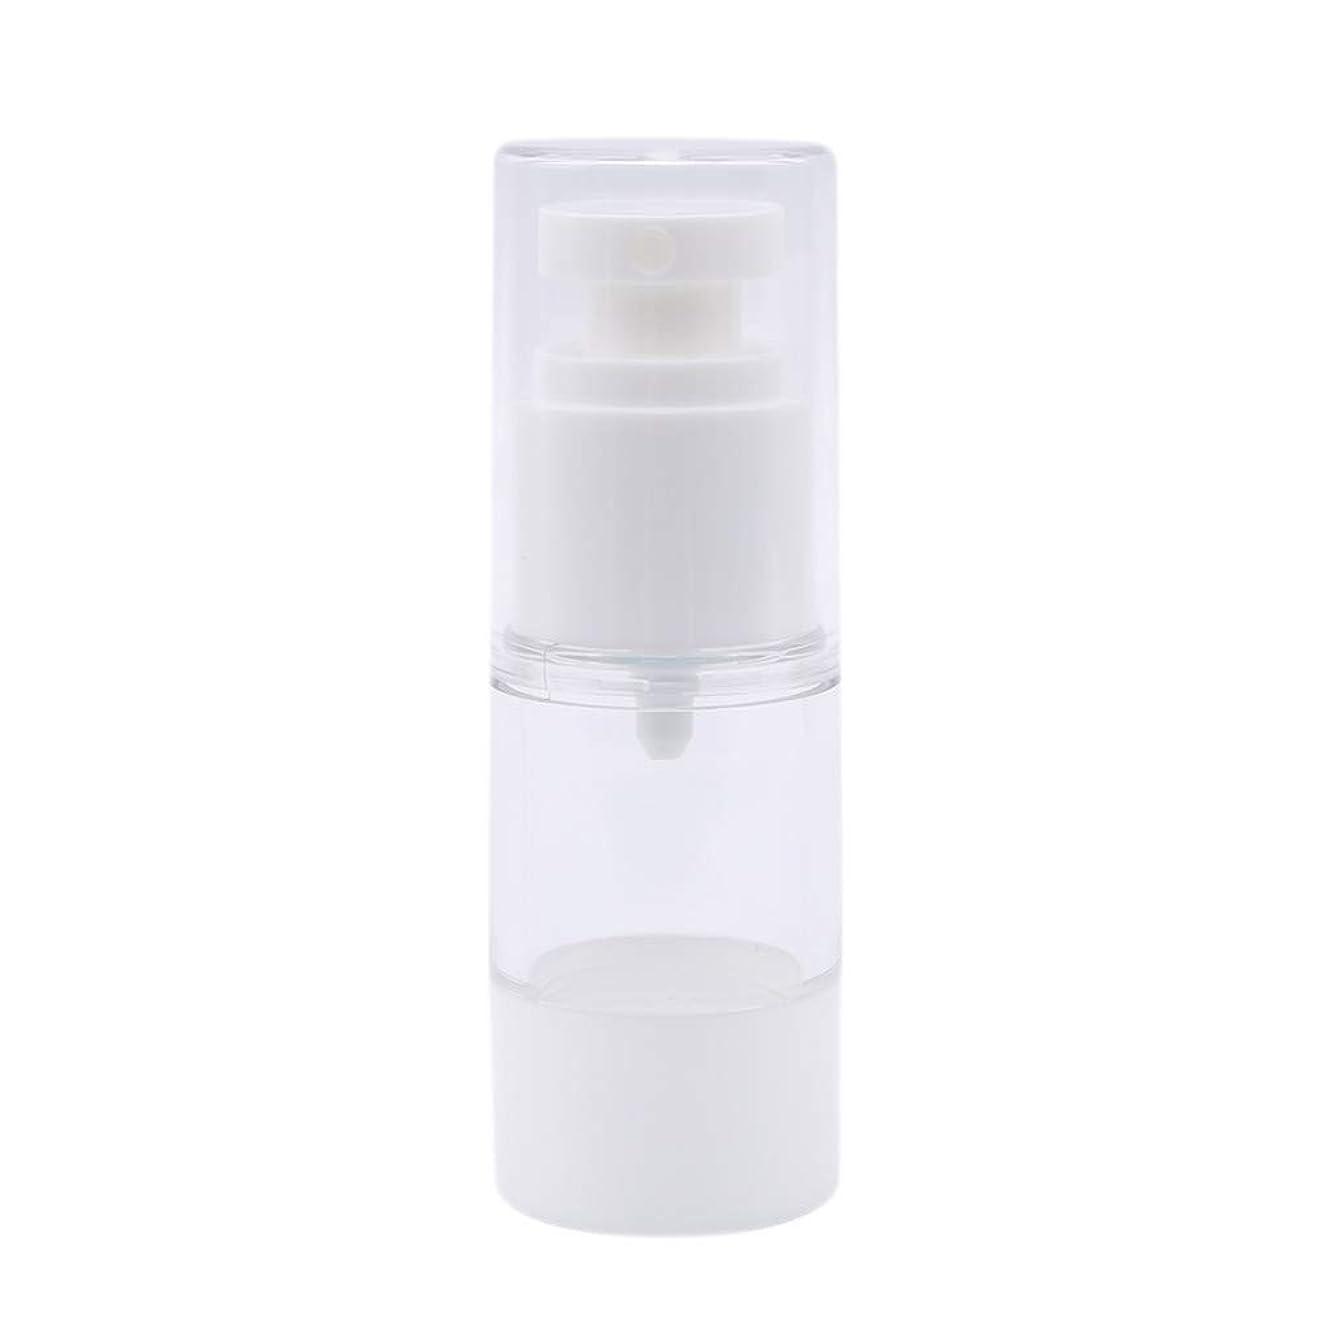 アダルトワイン流星100ML白い真空スプレーボトル化粧品瓶詰め